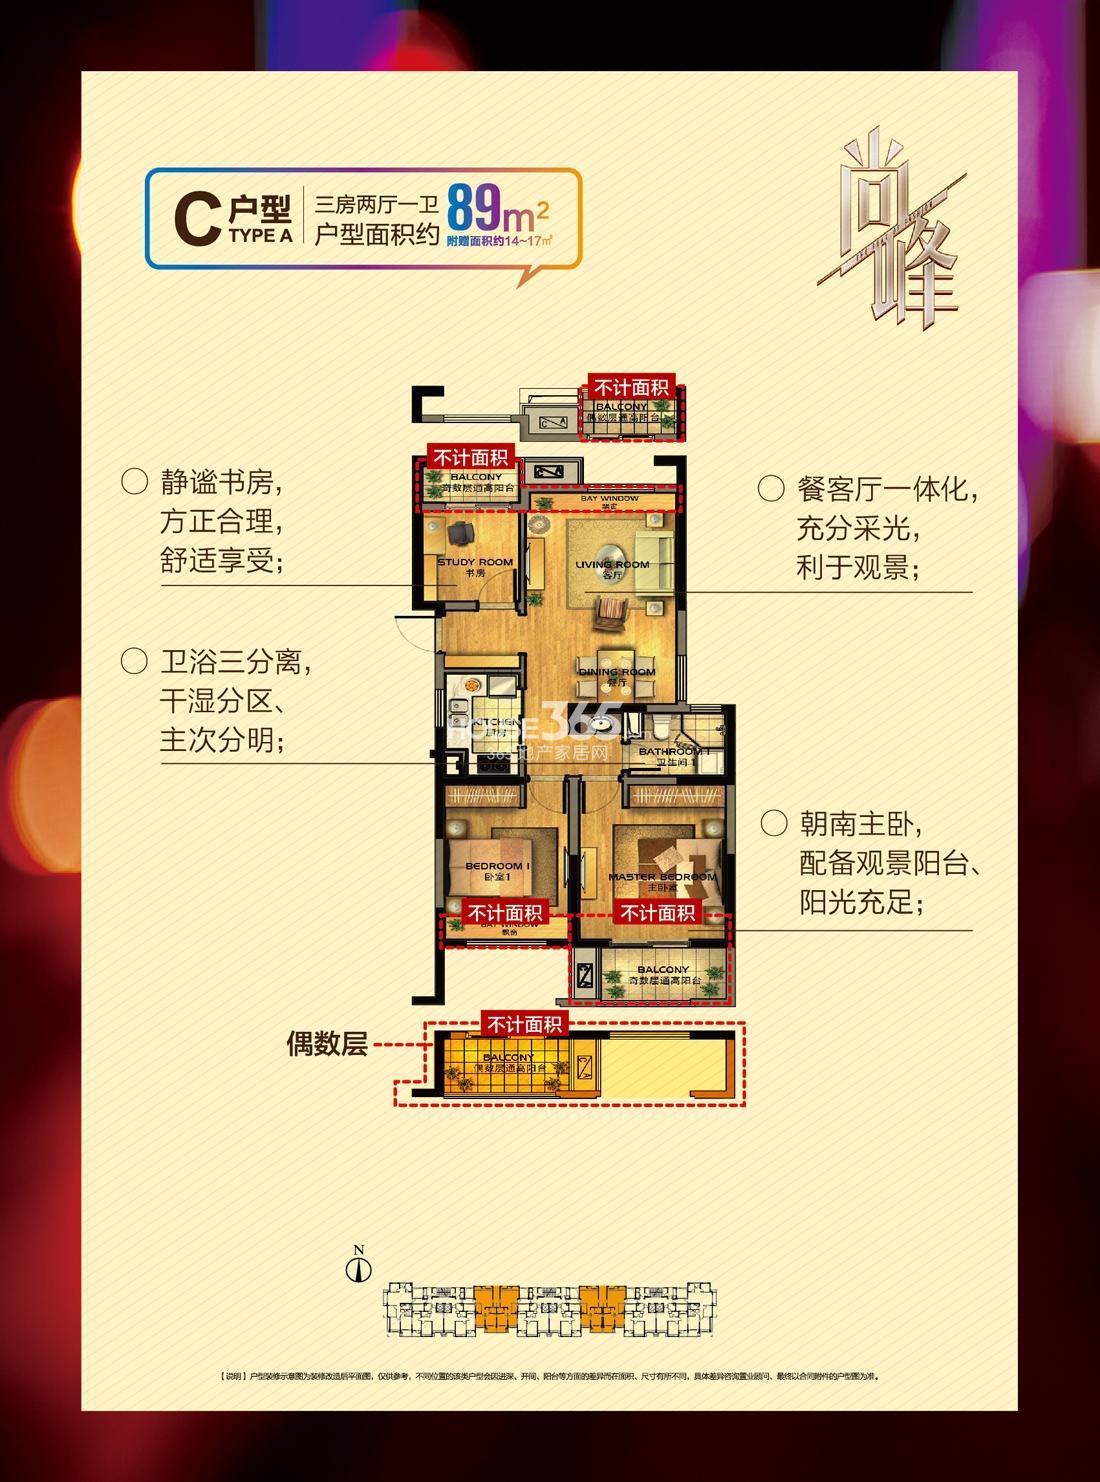 华元欢乐城东区尚峰4号楼C户型89方三房两厅一卫